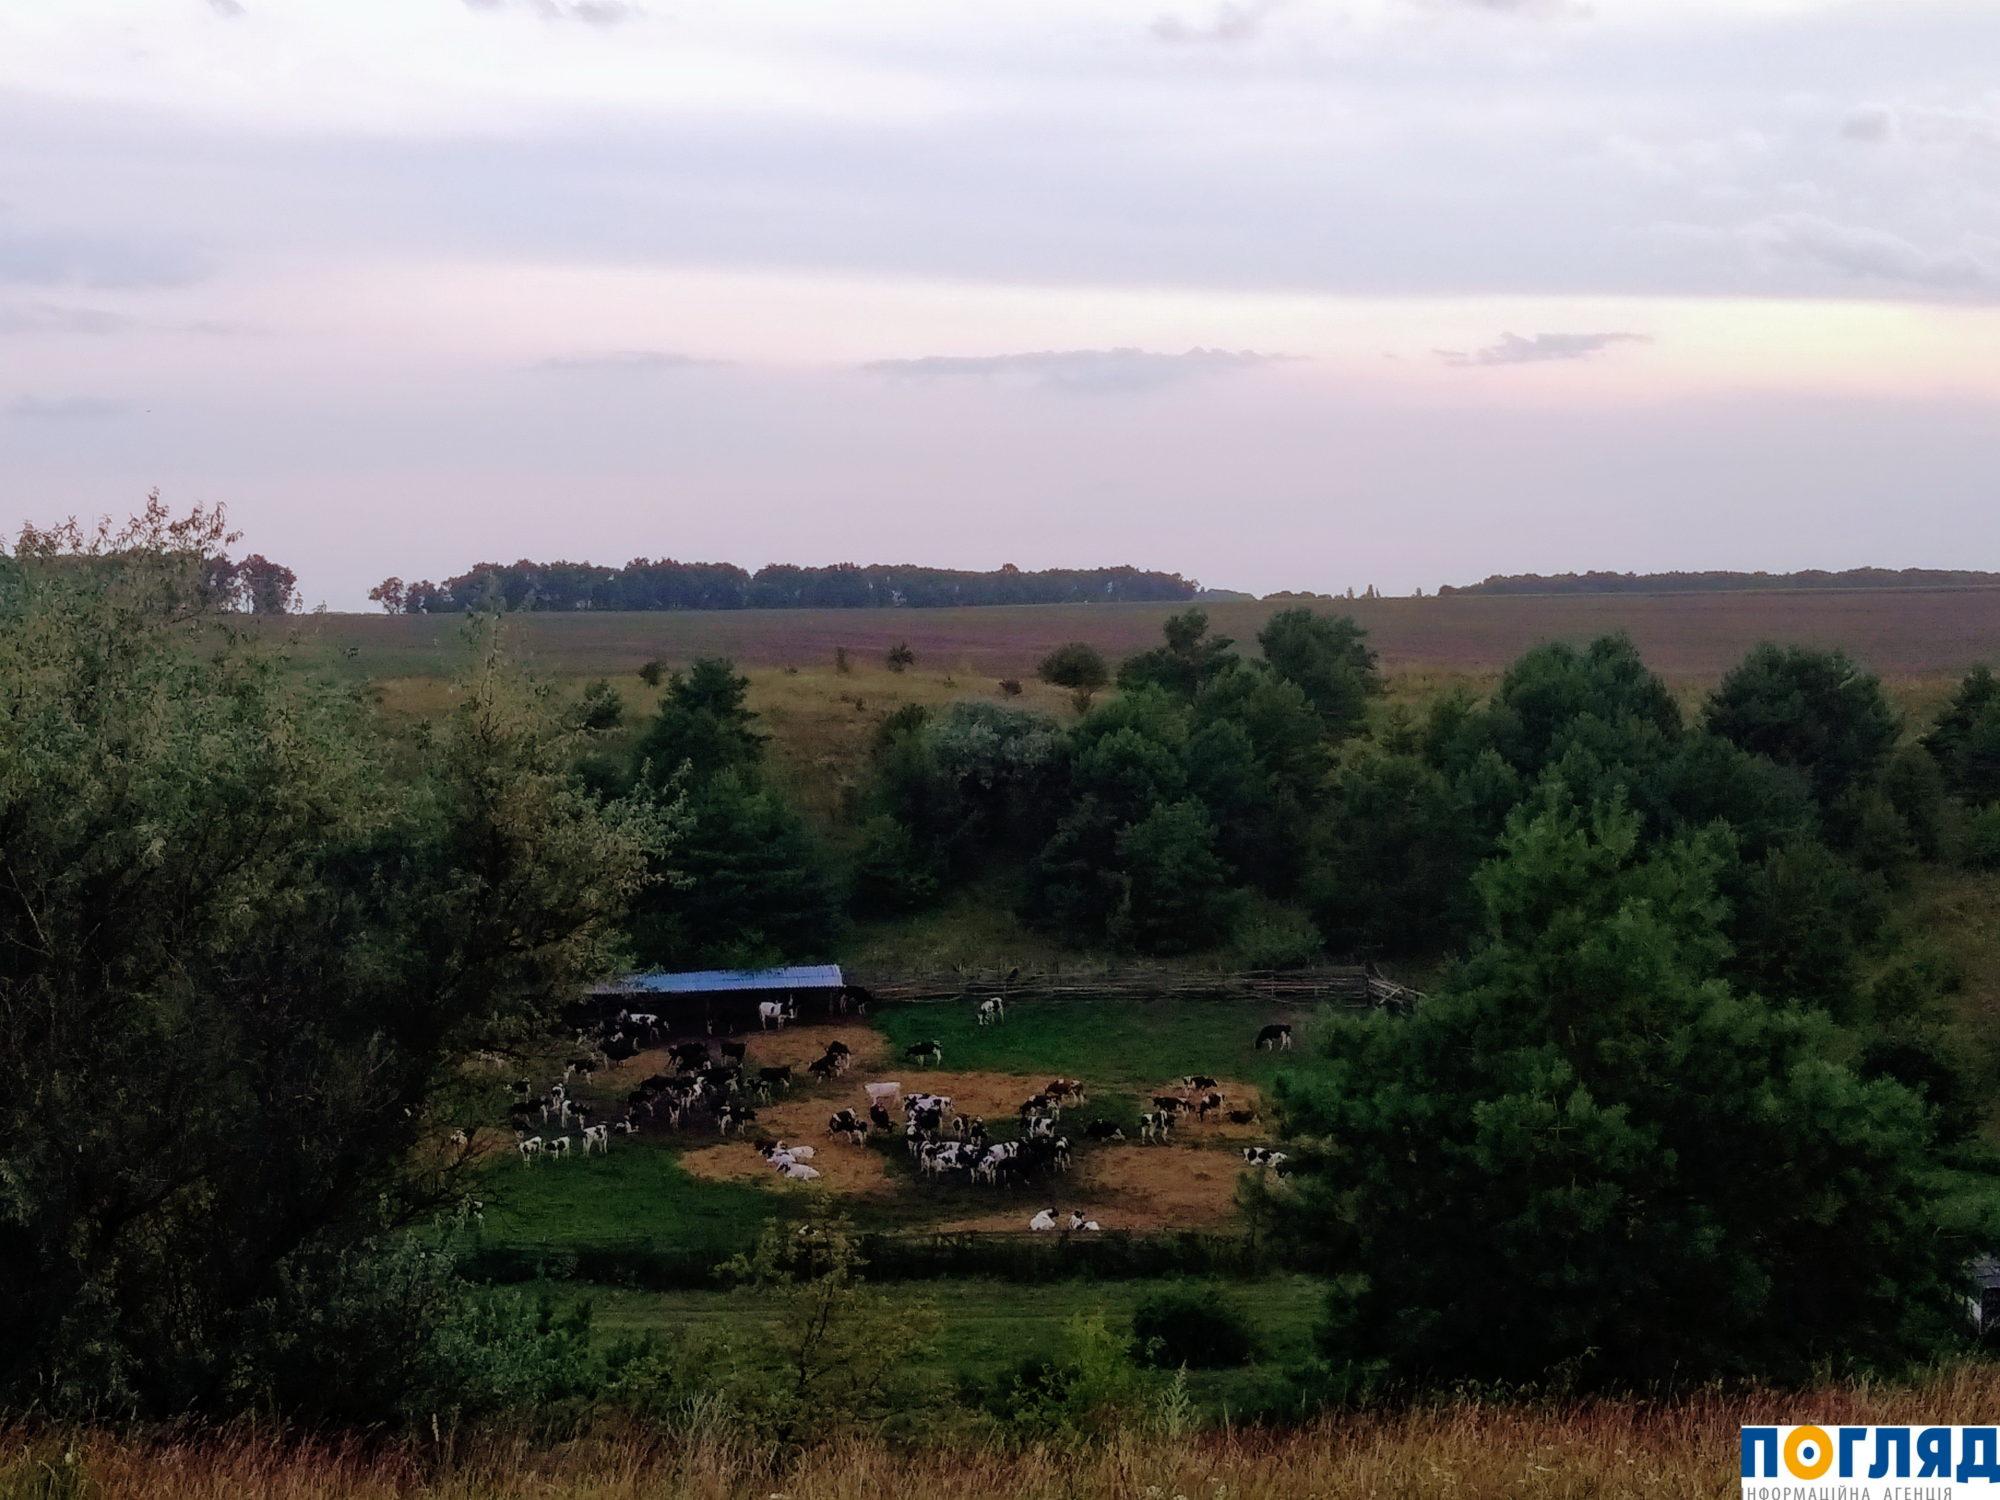 2020-й – рік сільського туризму в Україні - Україна, сільська місцевість, село - IMG 20190807 1951572 2000x1500